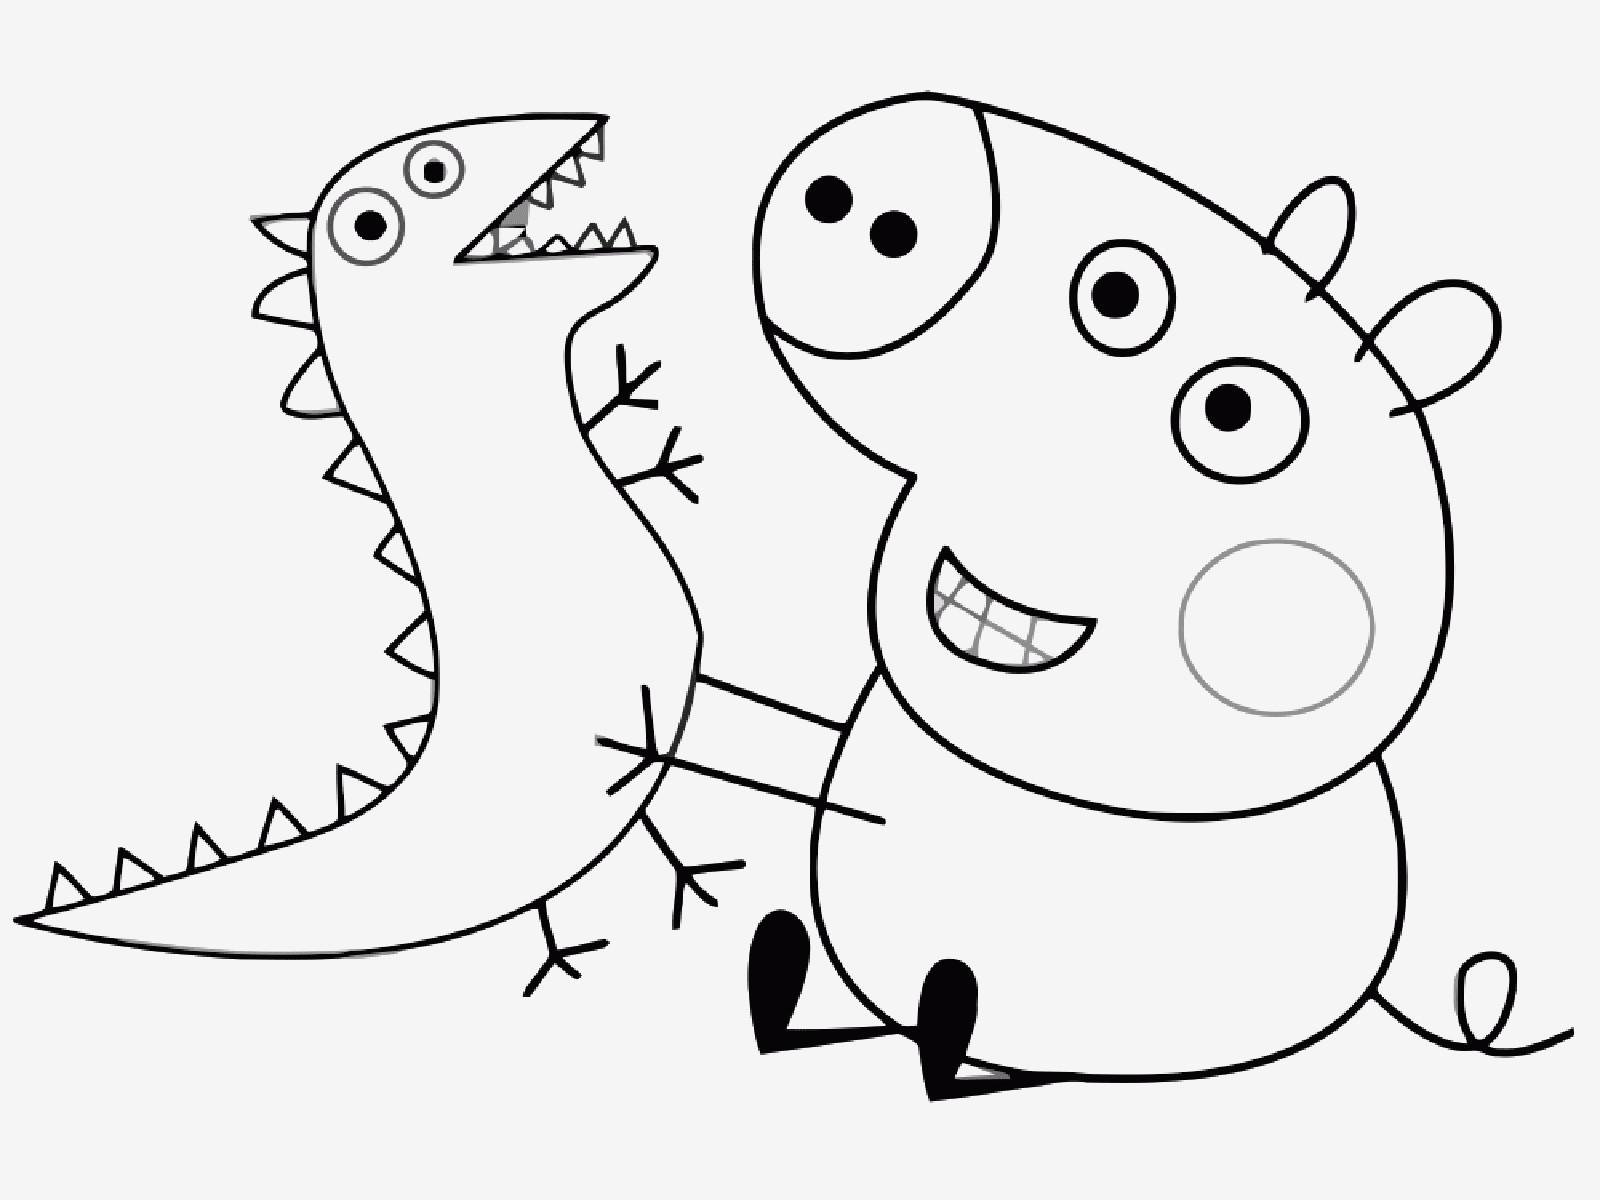 Peppa Pig Ausmalbilder Genial Malvorlage Peppa Wutz Bilder Zum Ausmalen Bekommen Peppa Pig Fotos